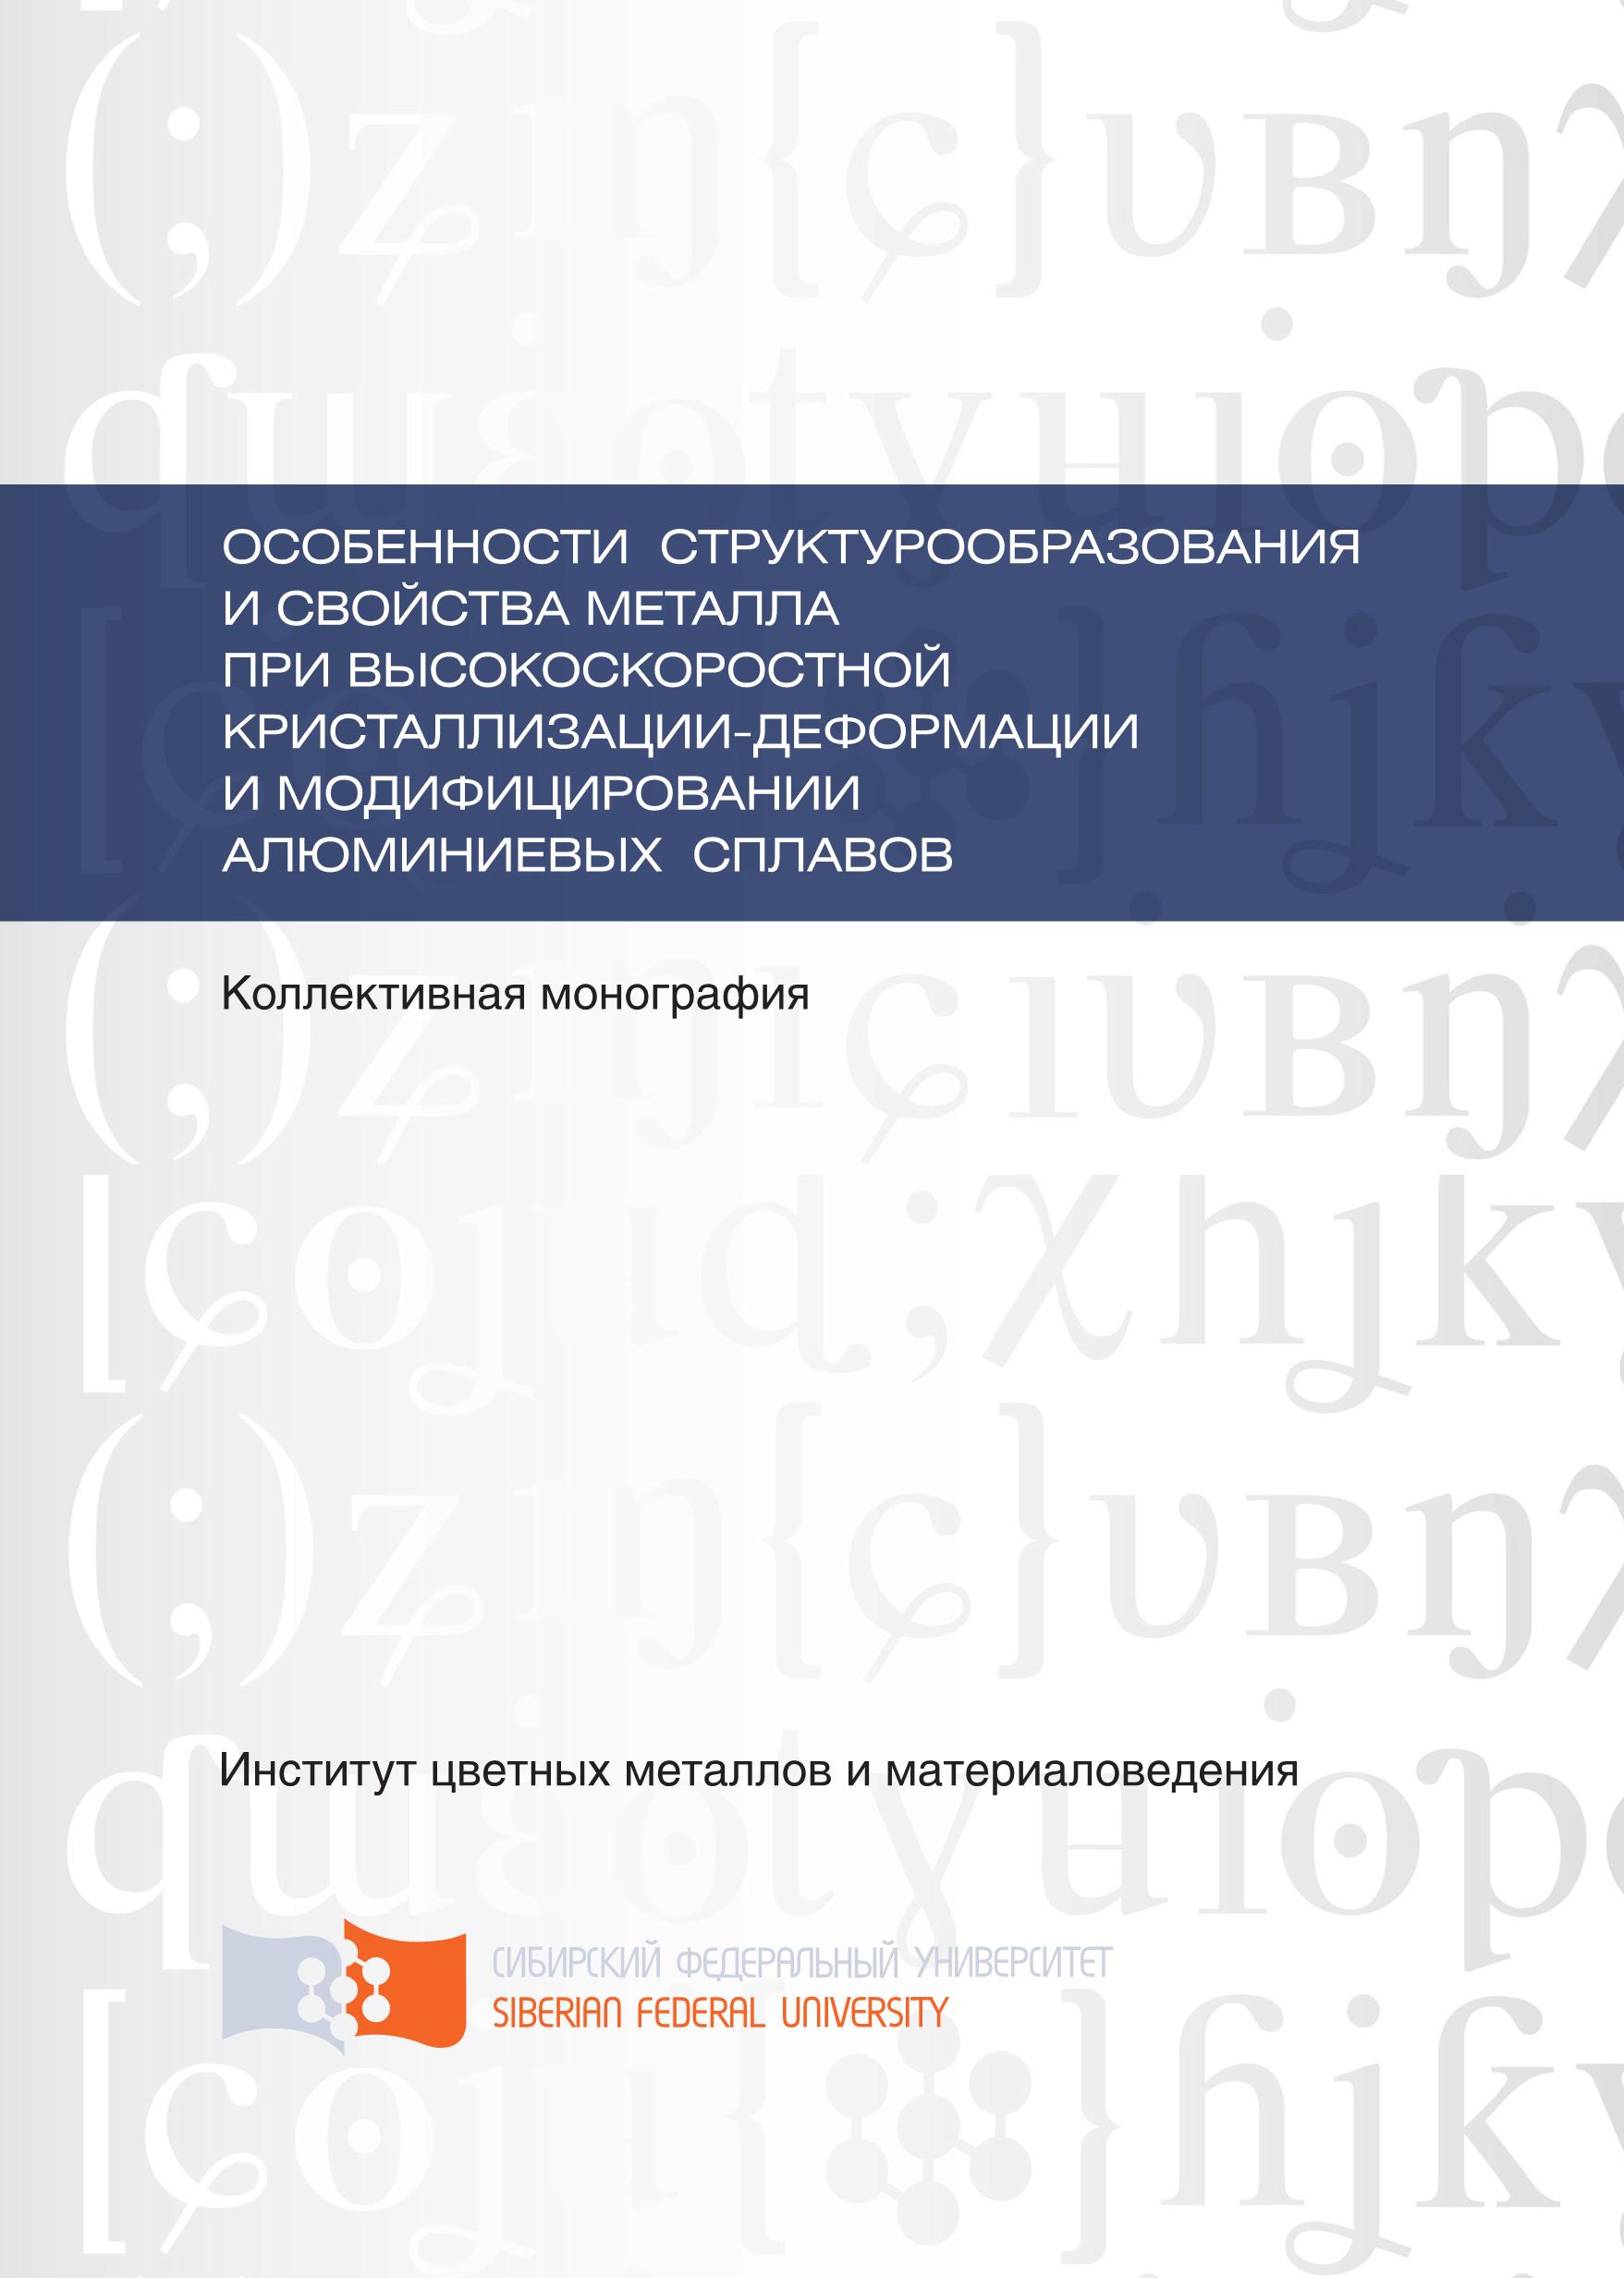 Николай Довженко Особенности структурообразования и свойства металла при высокоскоростной кристаллизации-деформации и модифицировании алюминиевых сплавов все цены